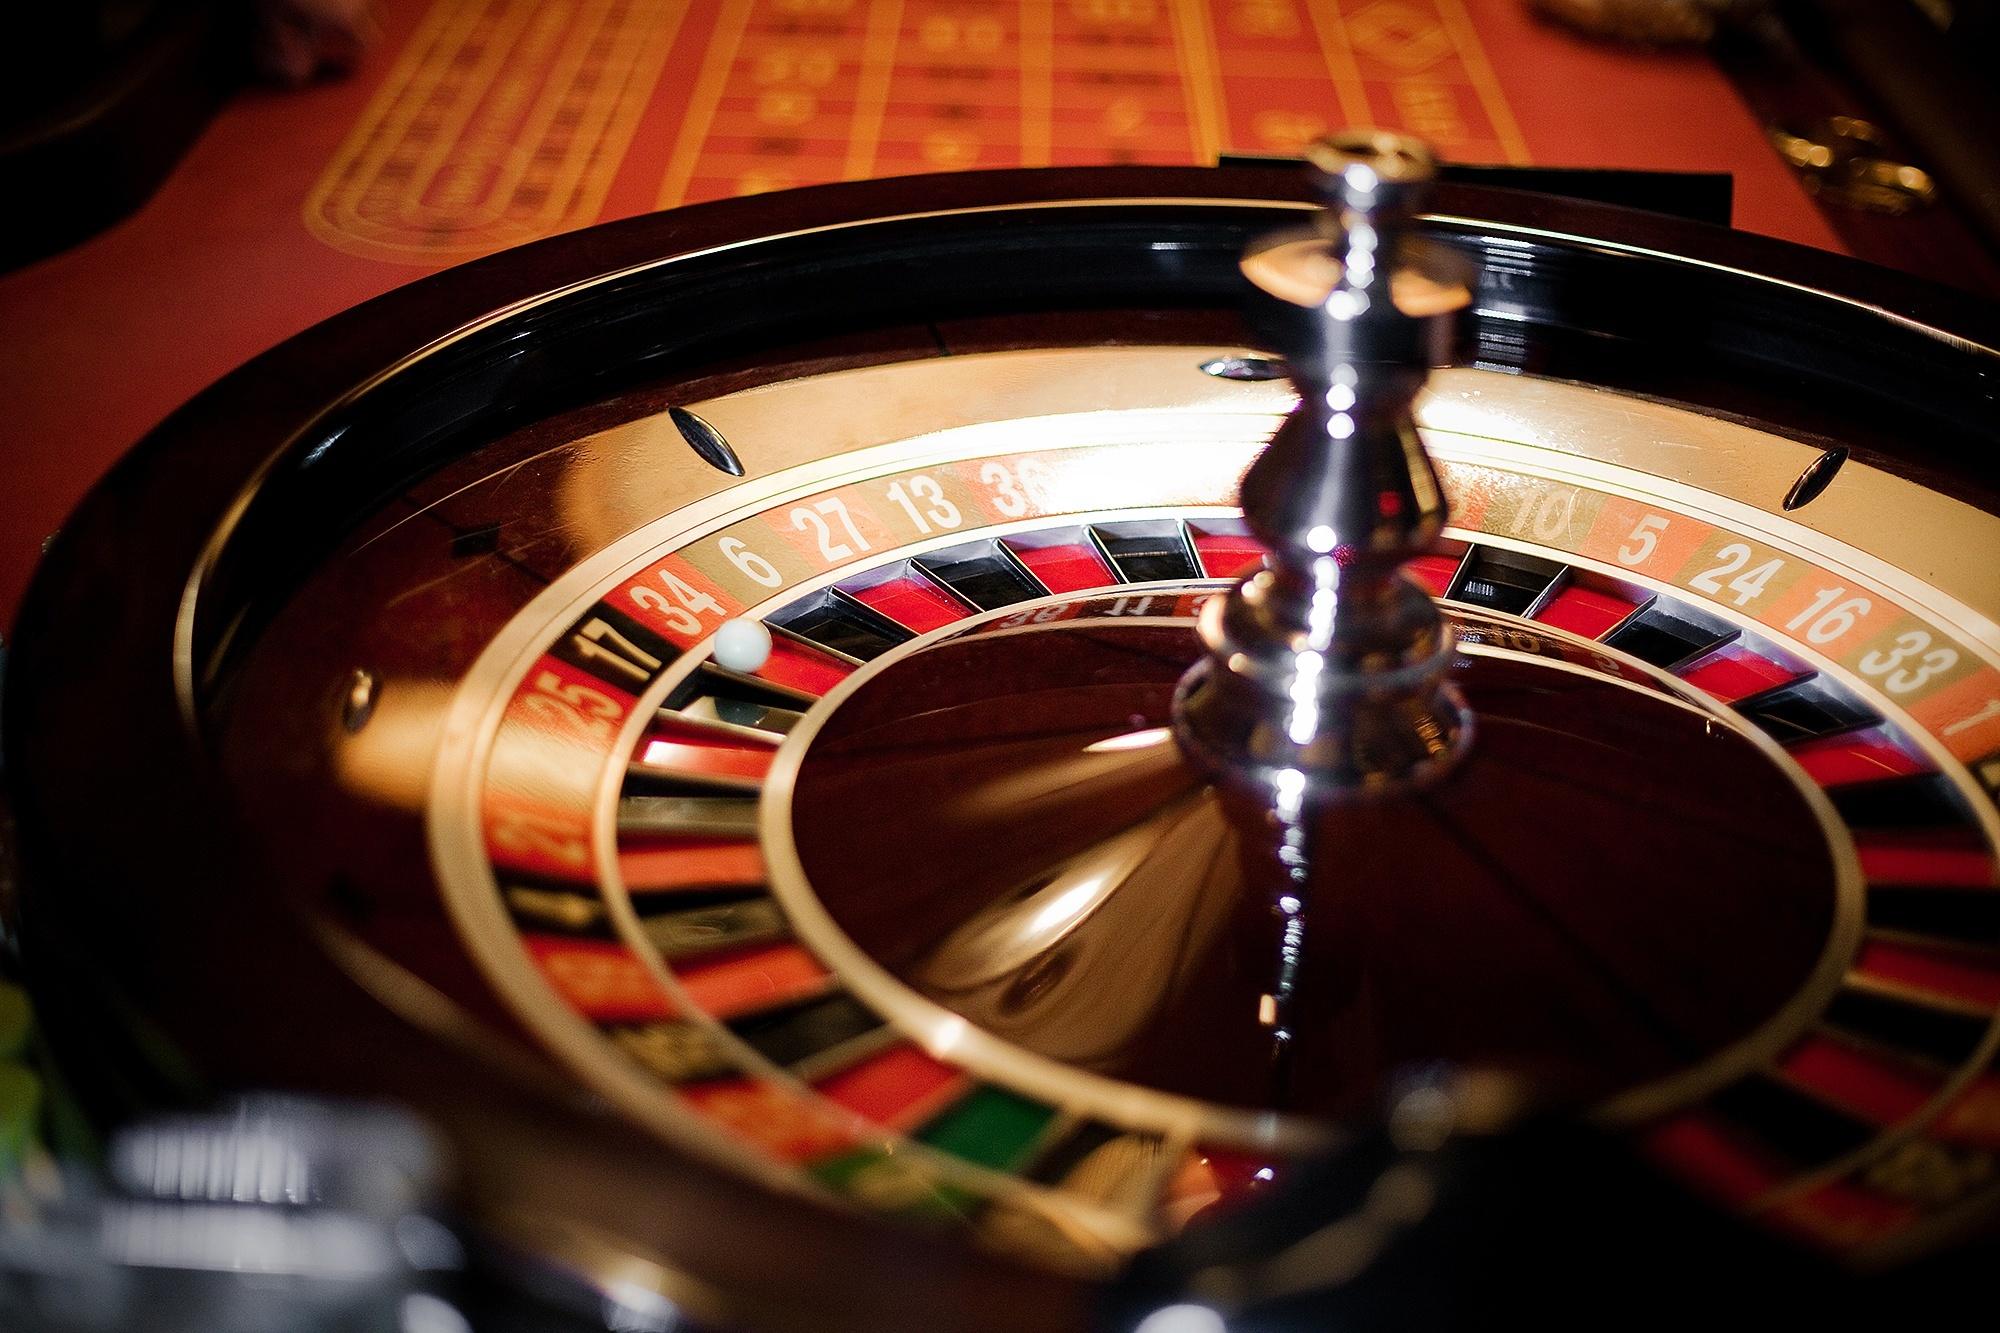 Казино возможность играть онлайн казино бездепозитный бонус при регистрации без депозита